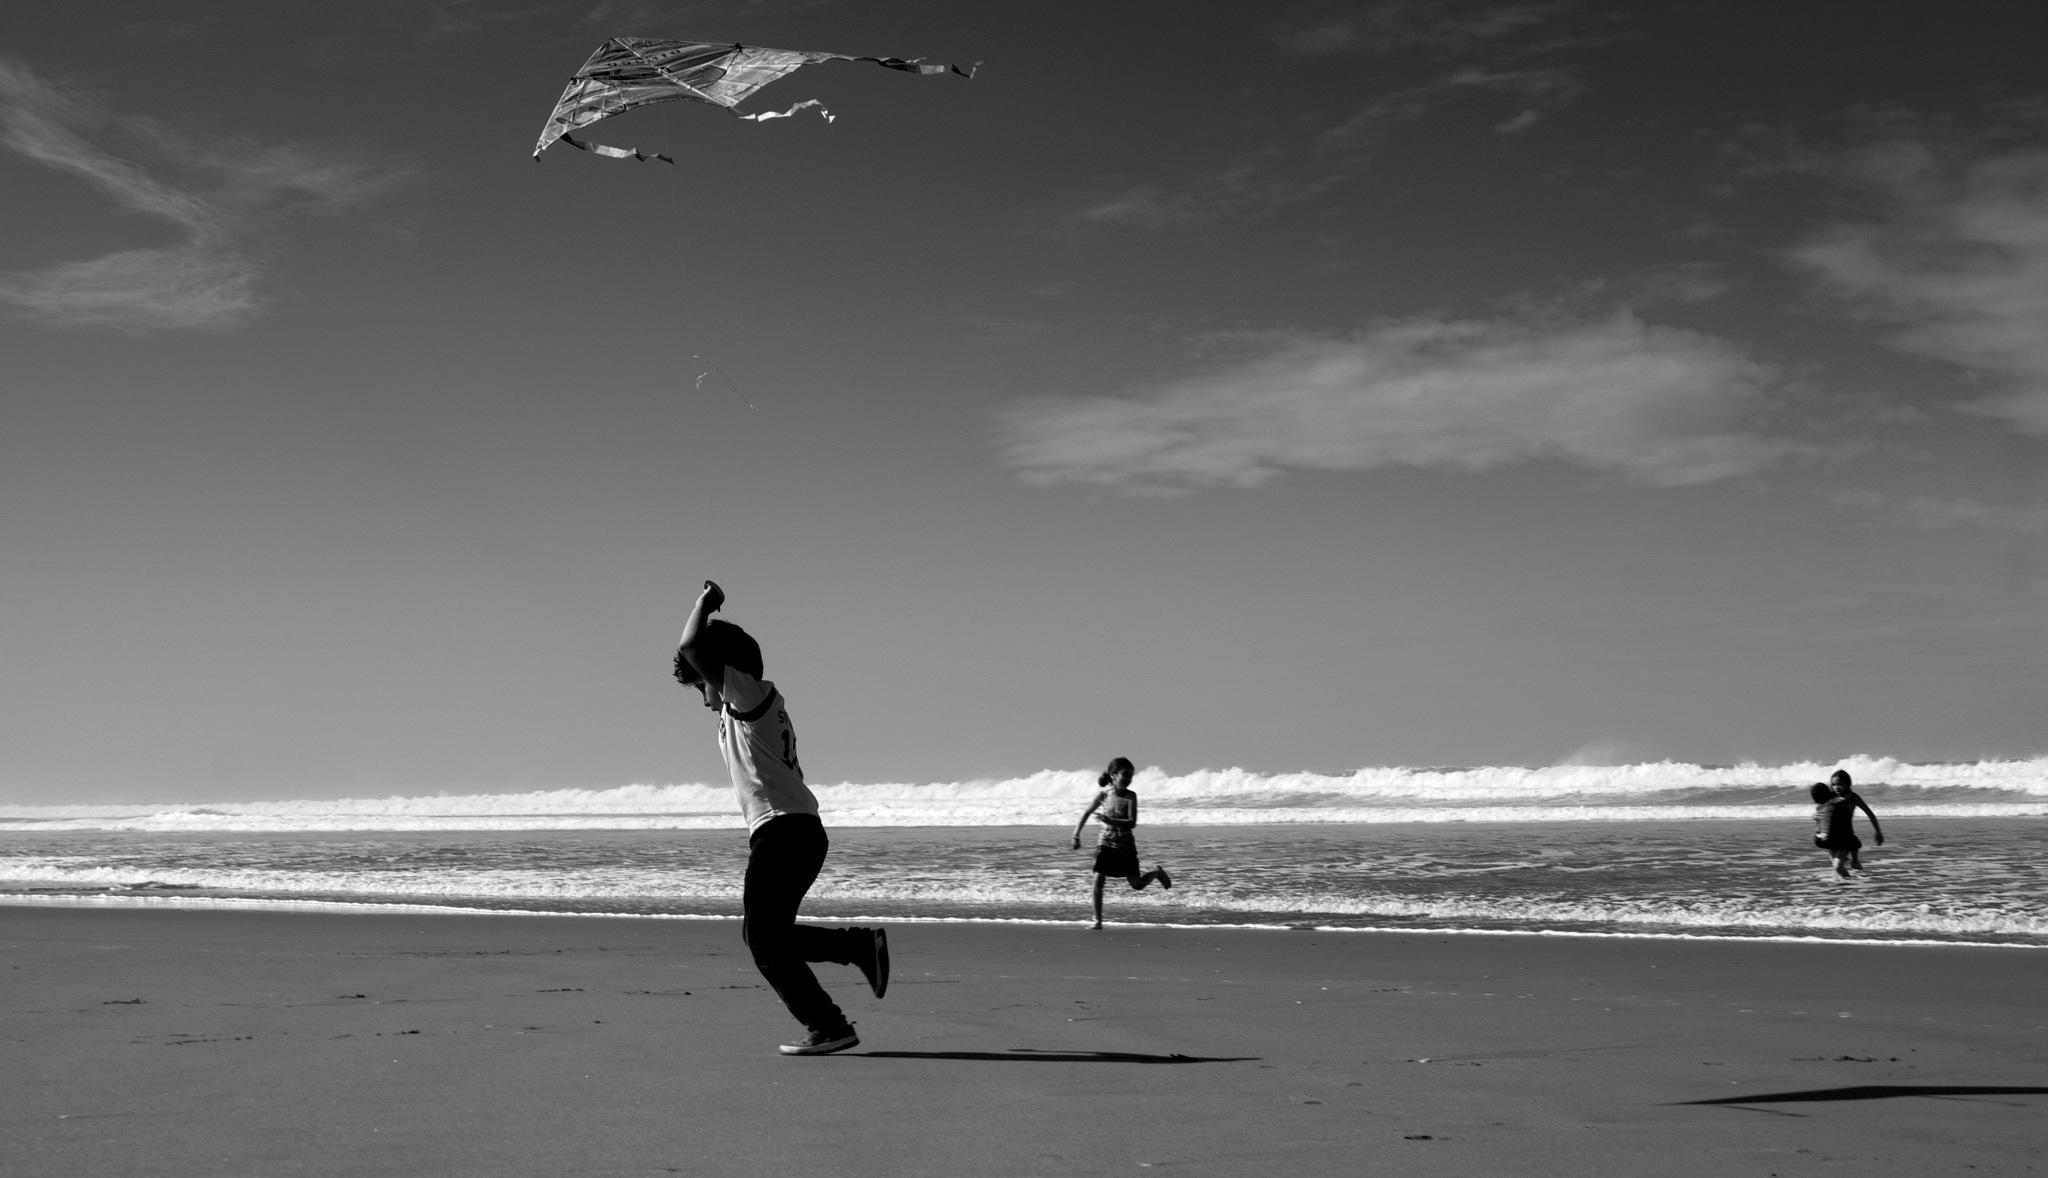 Childhood dreams by AbdelAzim Altaghloby